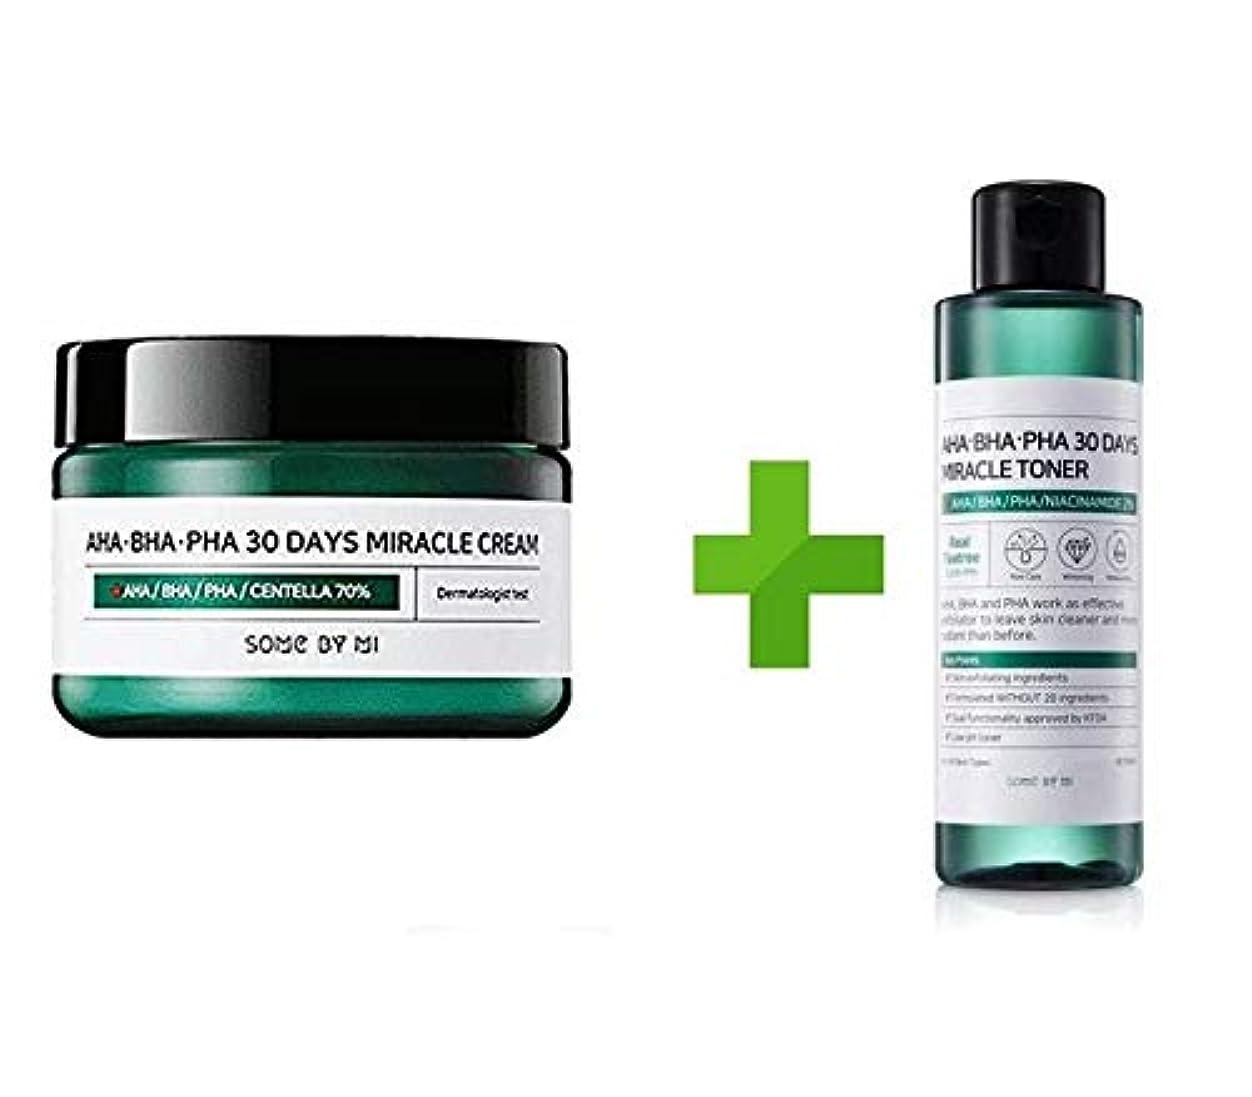 コカインやりすぎ異常なSomebymi AHA BHA PHA Miracle Cream (50ml + Toner 150ml)Skin Barrier & Recovery, Soothing with Tea Tree 10,000ppm...